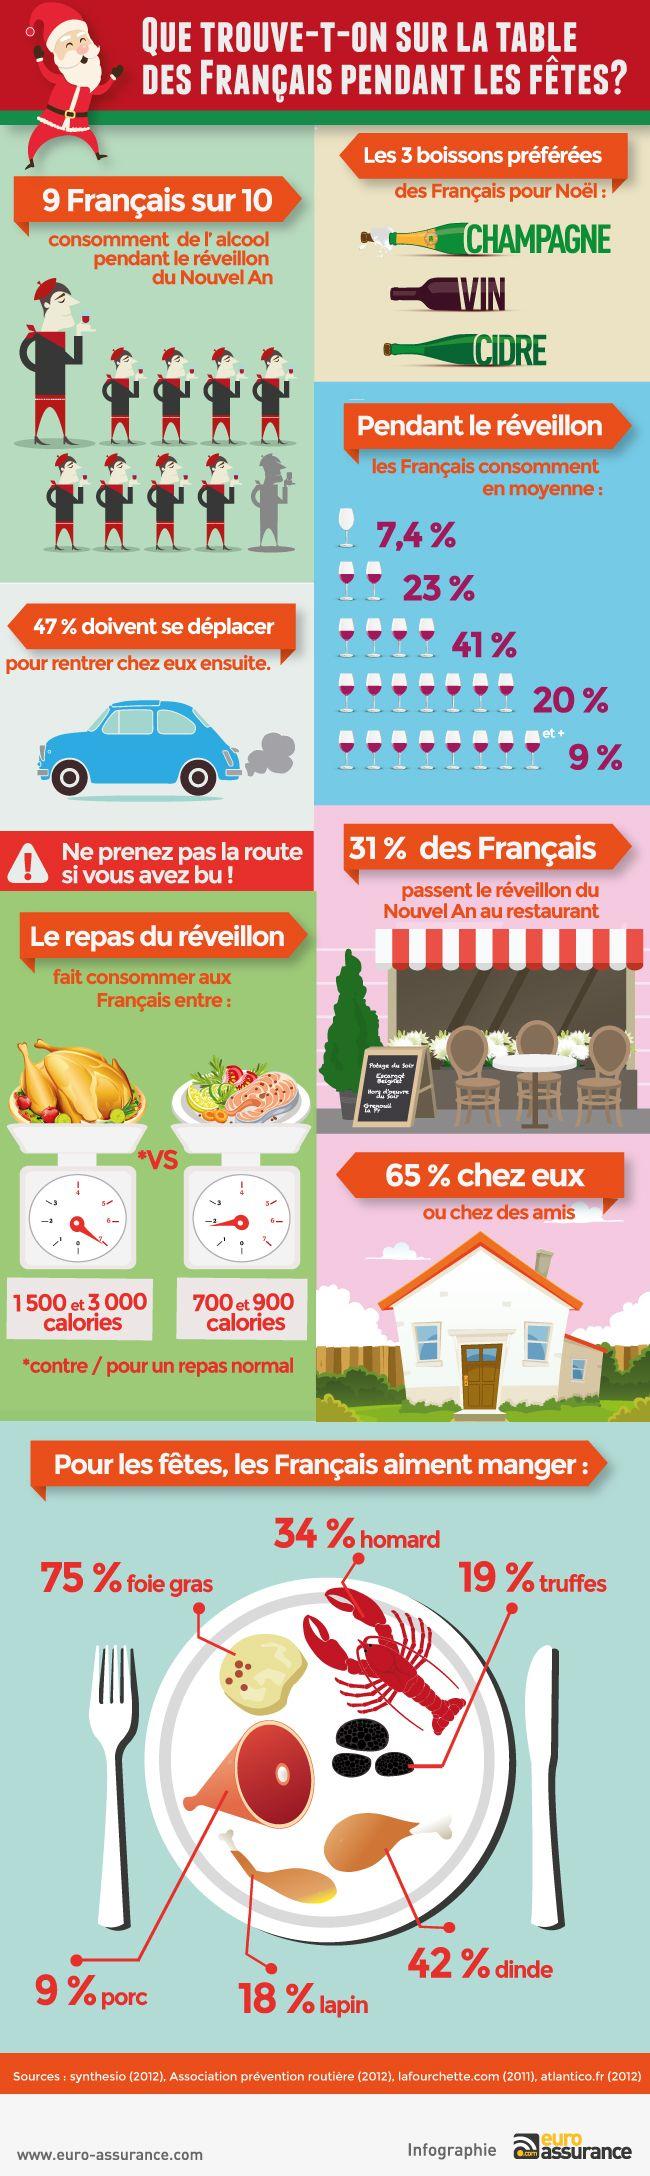 Que trouve-t-on sur la table des Français pendant les fêtes ?